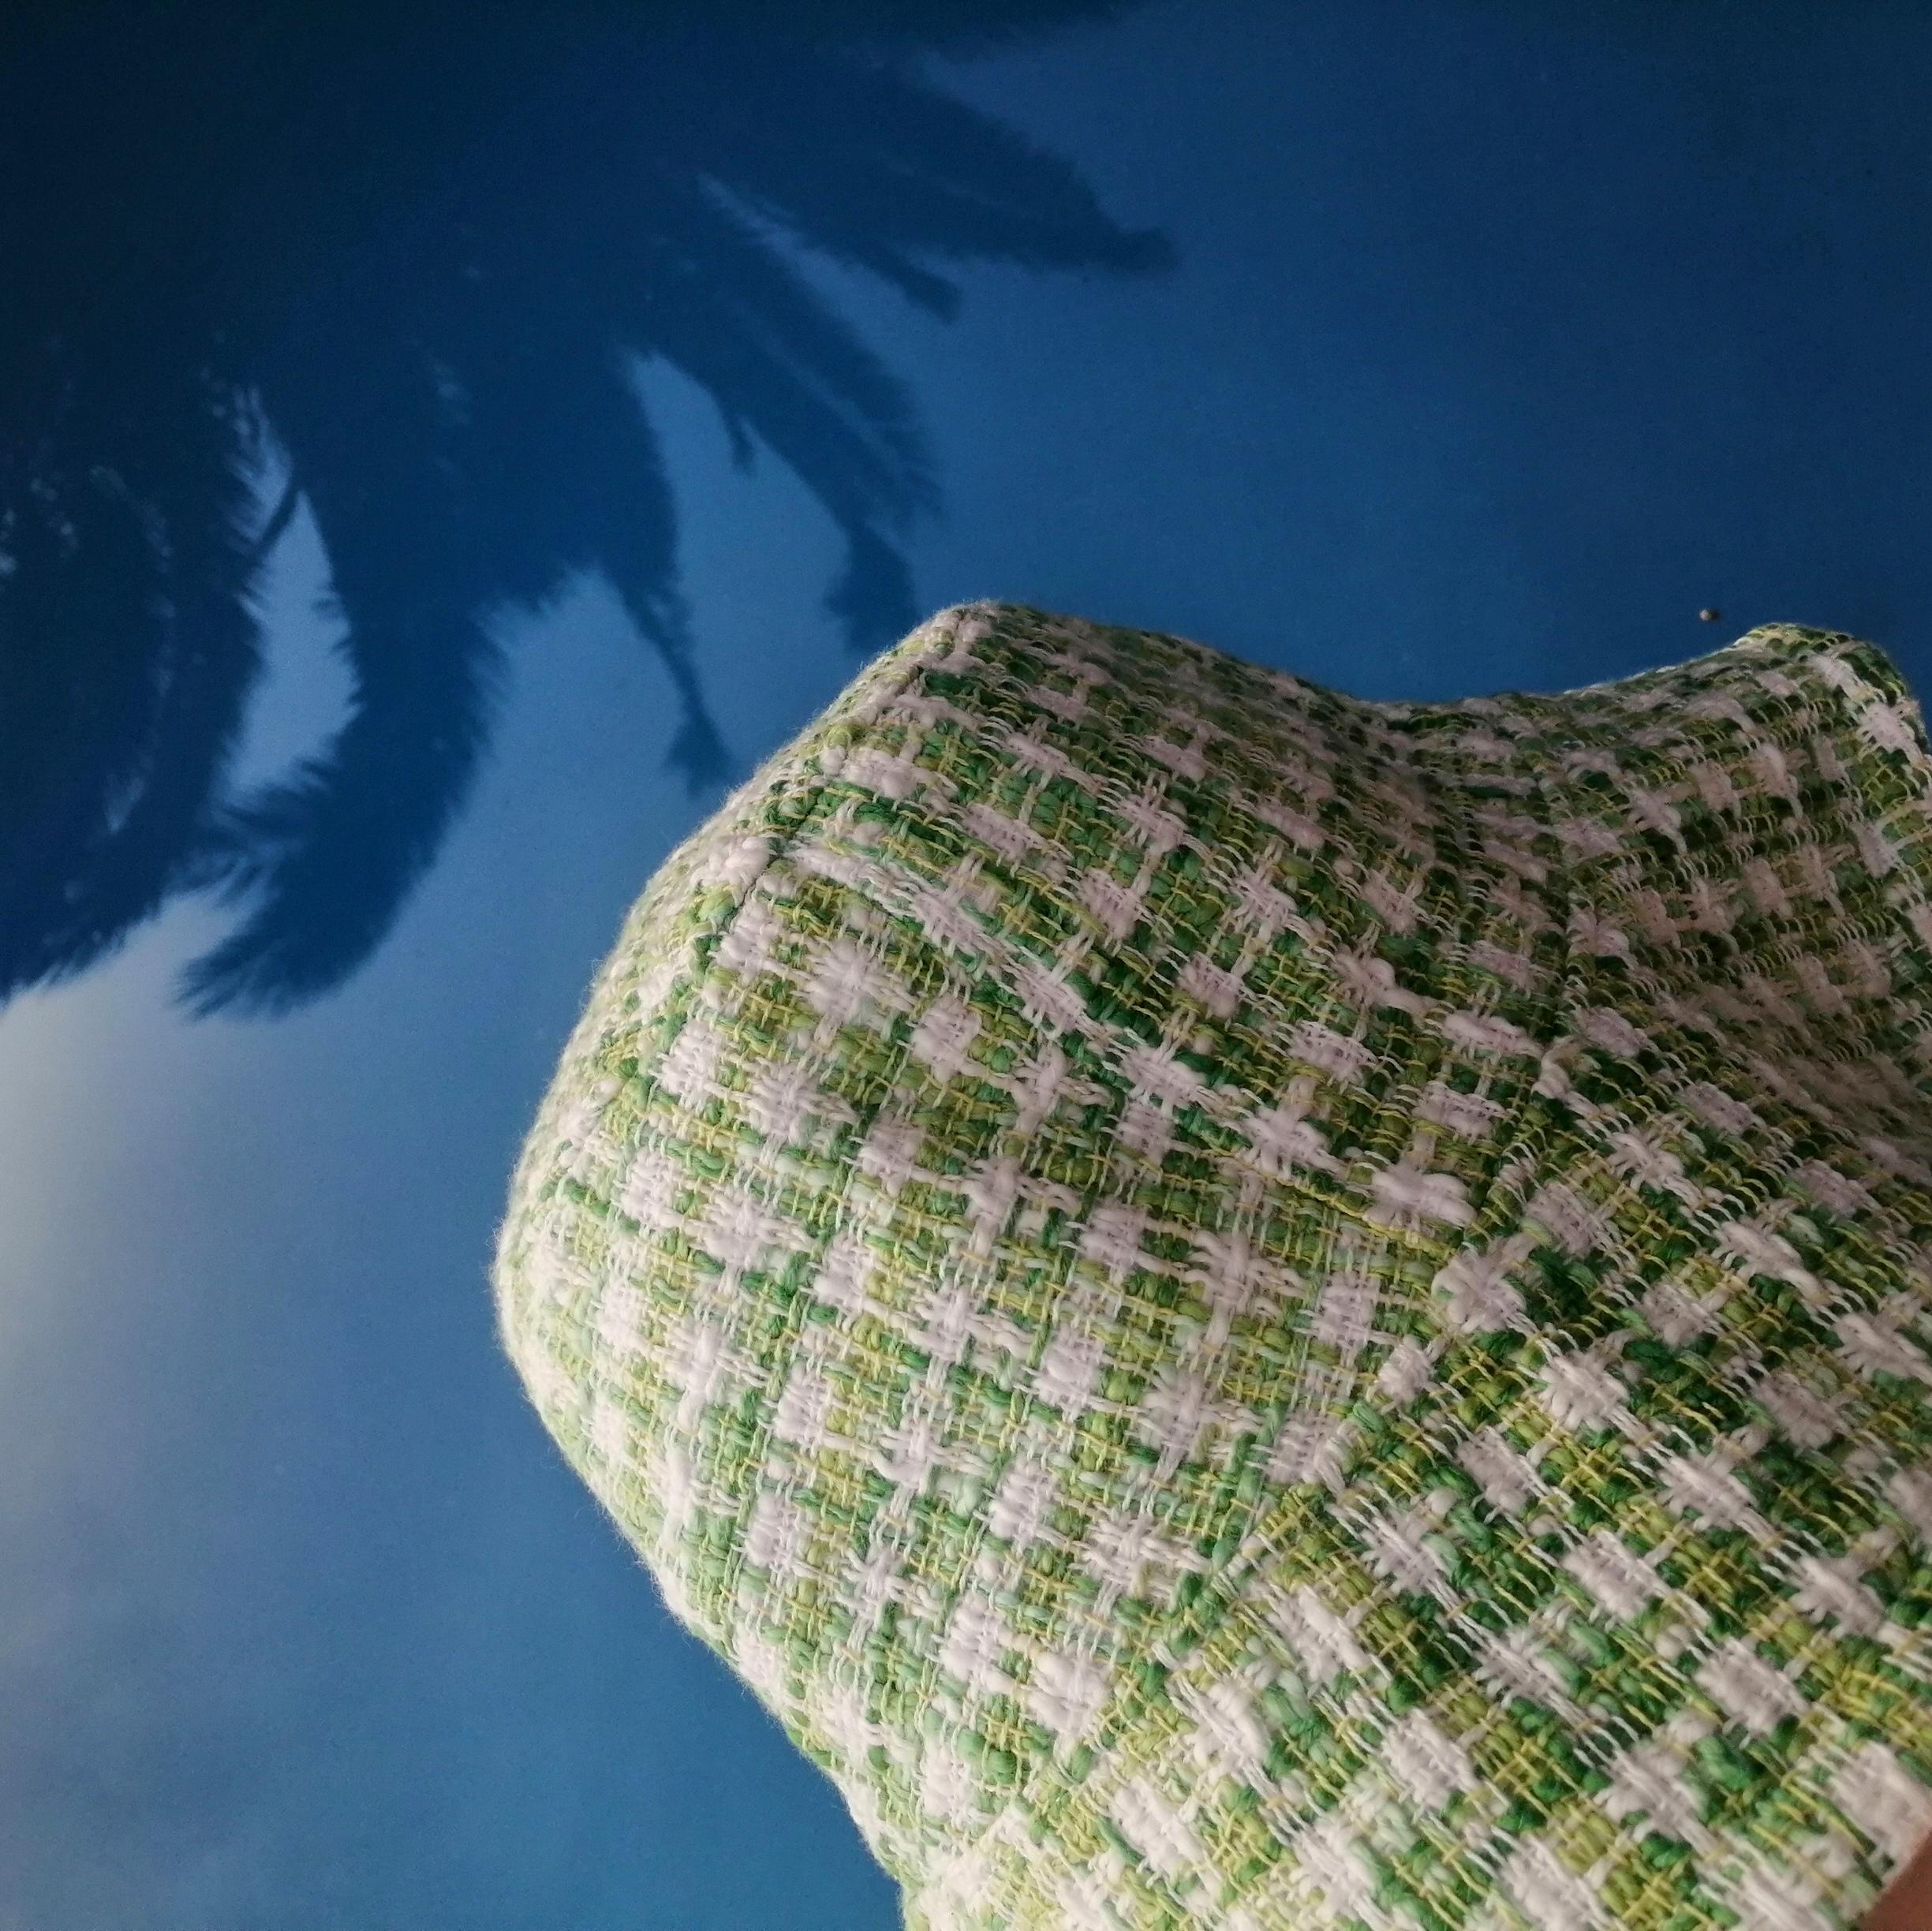 Sombrero garden